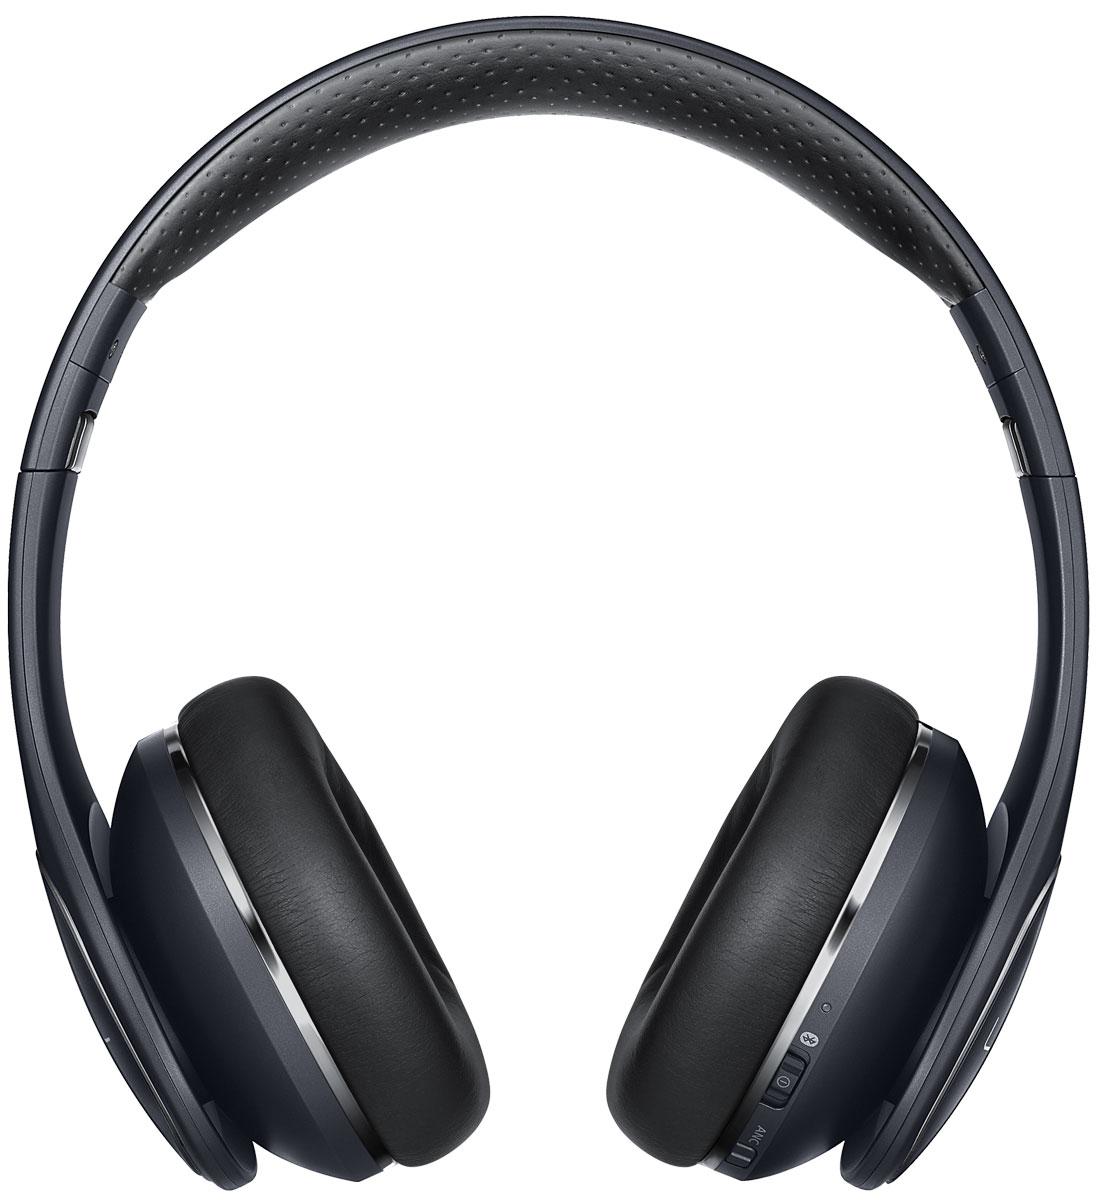 Samsung EO-PN920 Level On Pro, Black беспроводные наушникиEO-PN920CBEGRUНаслаждайтесь великолепным звуком ультравысокого качества c беспроводными наушниками Samsung Level OnPro, звуком, превосходящим даже качество Audio CD. Используя новый кодек UHQ-BT, эти наушники позволяют вамнасладиться более богатым и сбалансированным звучанием вашей любимой музыки.Samsung Level On Pro не только обеспечивают звук студийного качества, но и оснащены функцией активногошумоподавления (Active Noise Cancelation, ANC). Четыре встроенных микрофона, по два на каждом наушнике,гарантируют точное распределение звука.С помощью сенсорной панели наушников вы можете управлять самыми различными функциями, не пользуясь приэтом кнопками управления подключенного к Samsung Level On Pro устройства: регулировать громкость звука,управлять воспроизведением музыки, принимать и отклонять вызовы.Есть необходимость услышать, что происходит вокруг вас? Воспользуйтесь режимом Talk-in для получения звукаот одного из внешних микрофонов, которыми оснащены ваши наушники.Samsung Level On Pro также позволяют делиться вашими любимыми композициями с друзьями благодаряуникальной функции Sound With Me.